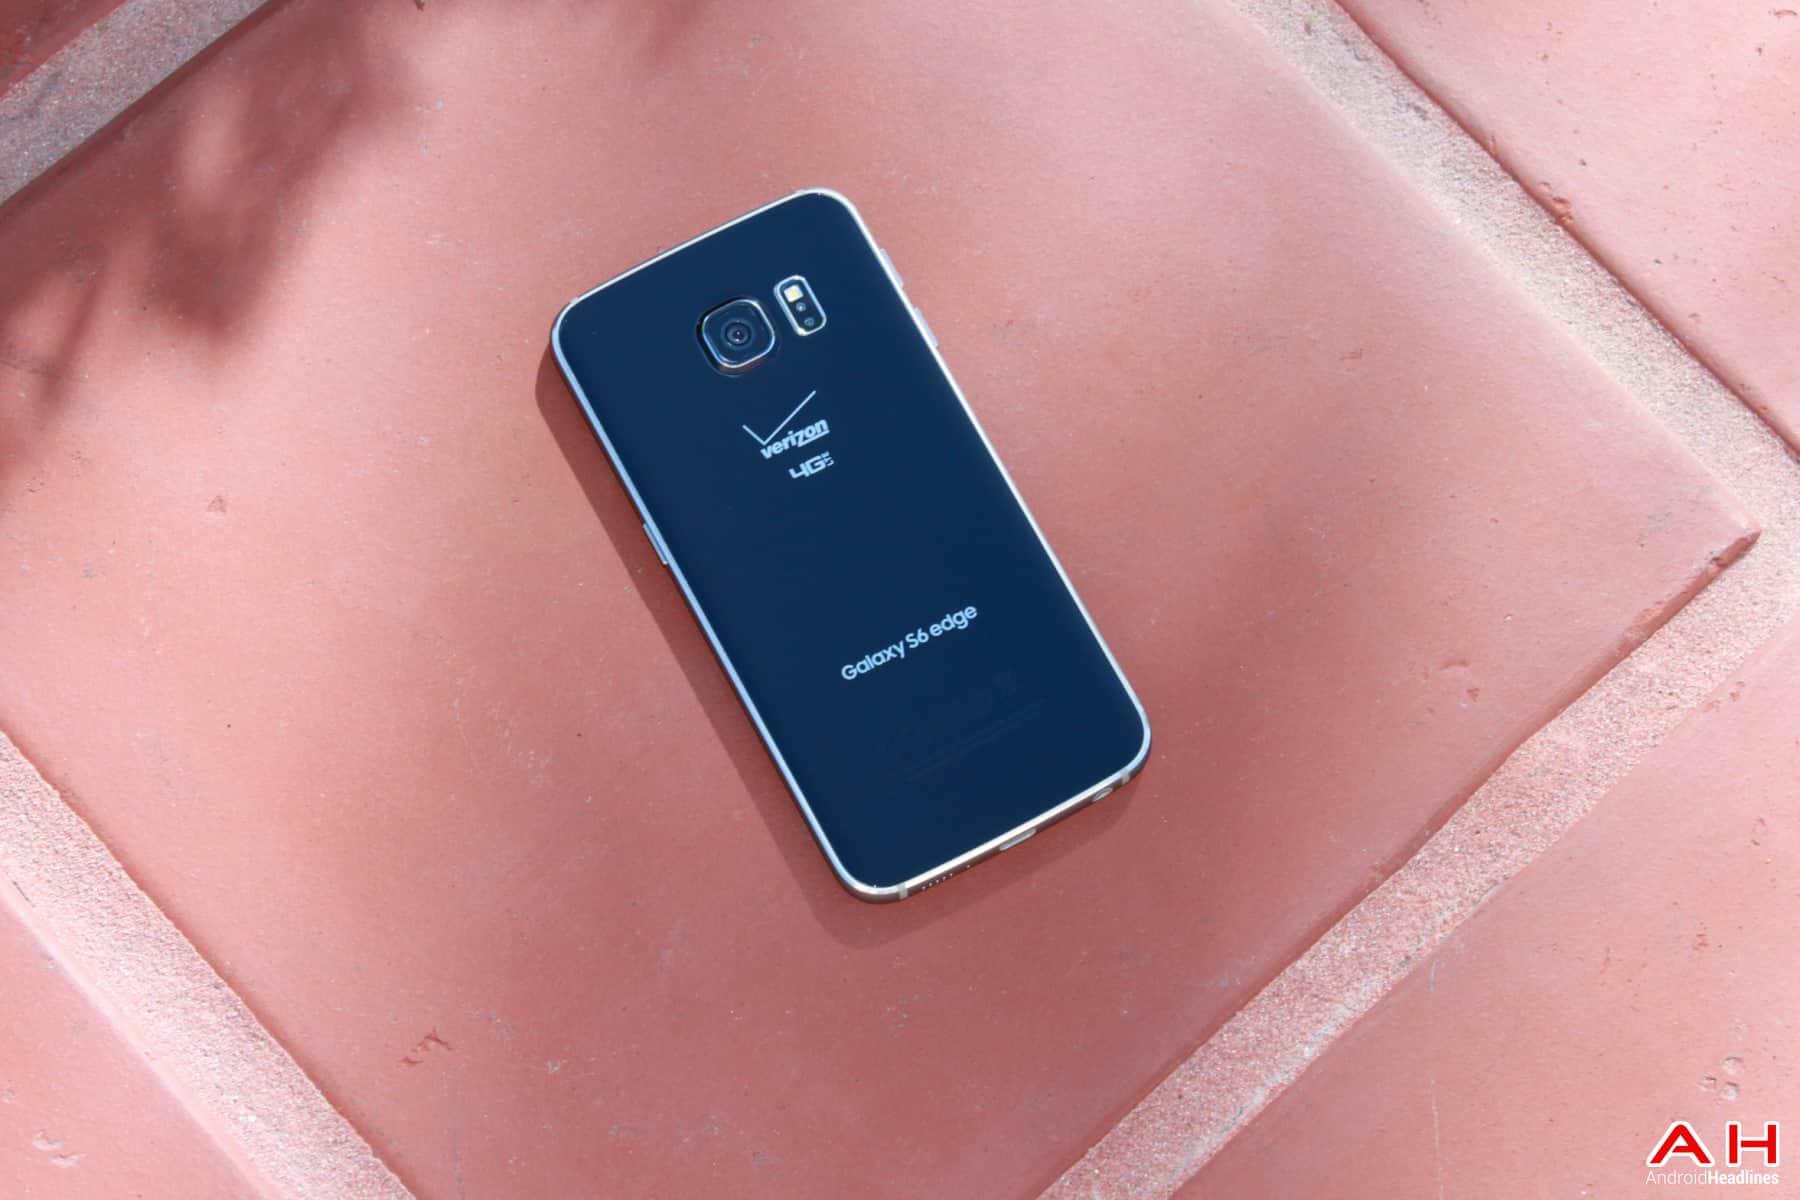 AH Samsung Galaxy S6 Edge Series 4 June 30th-4